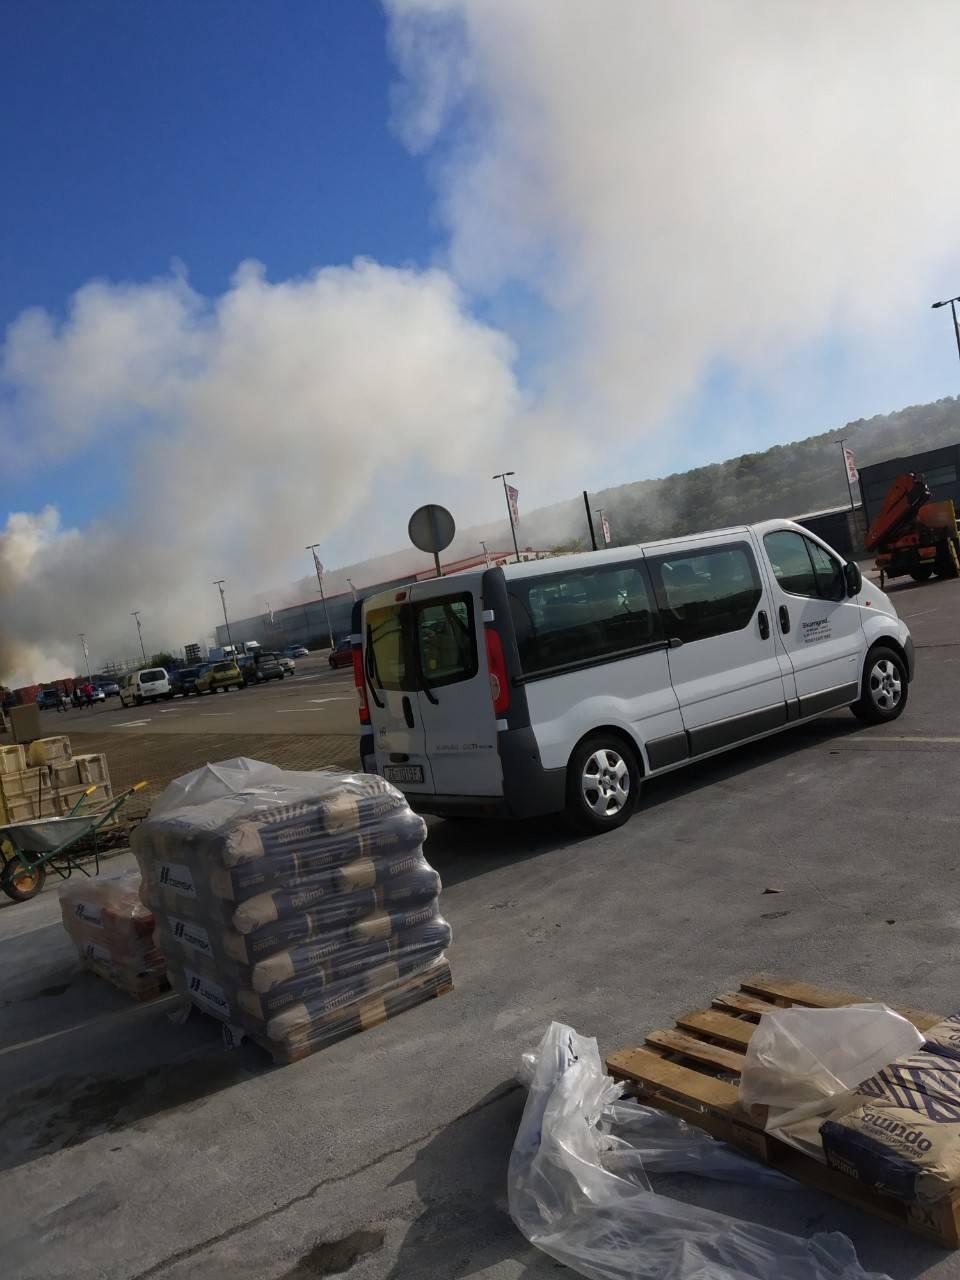 Vatrogasci gase požar u Rijeci, zapalilo se odlagalište otpada